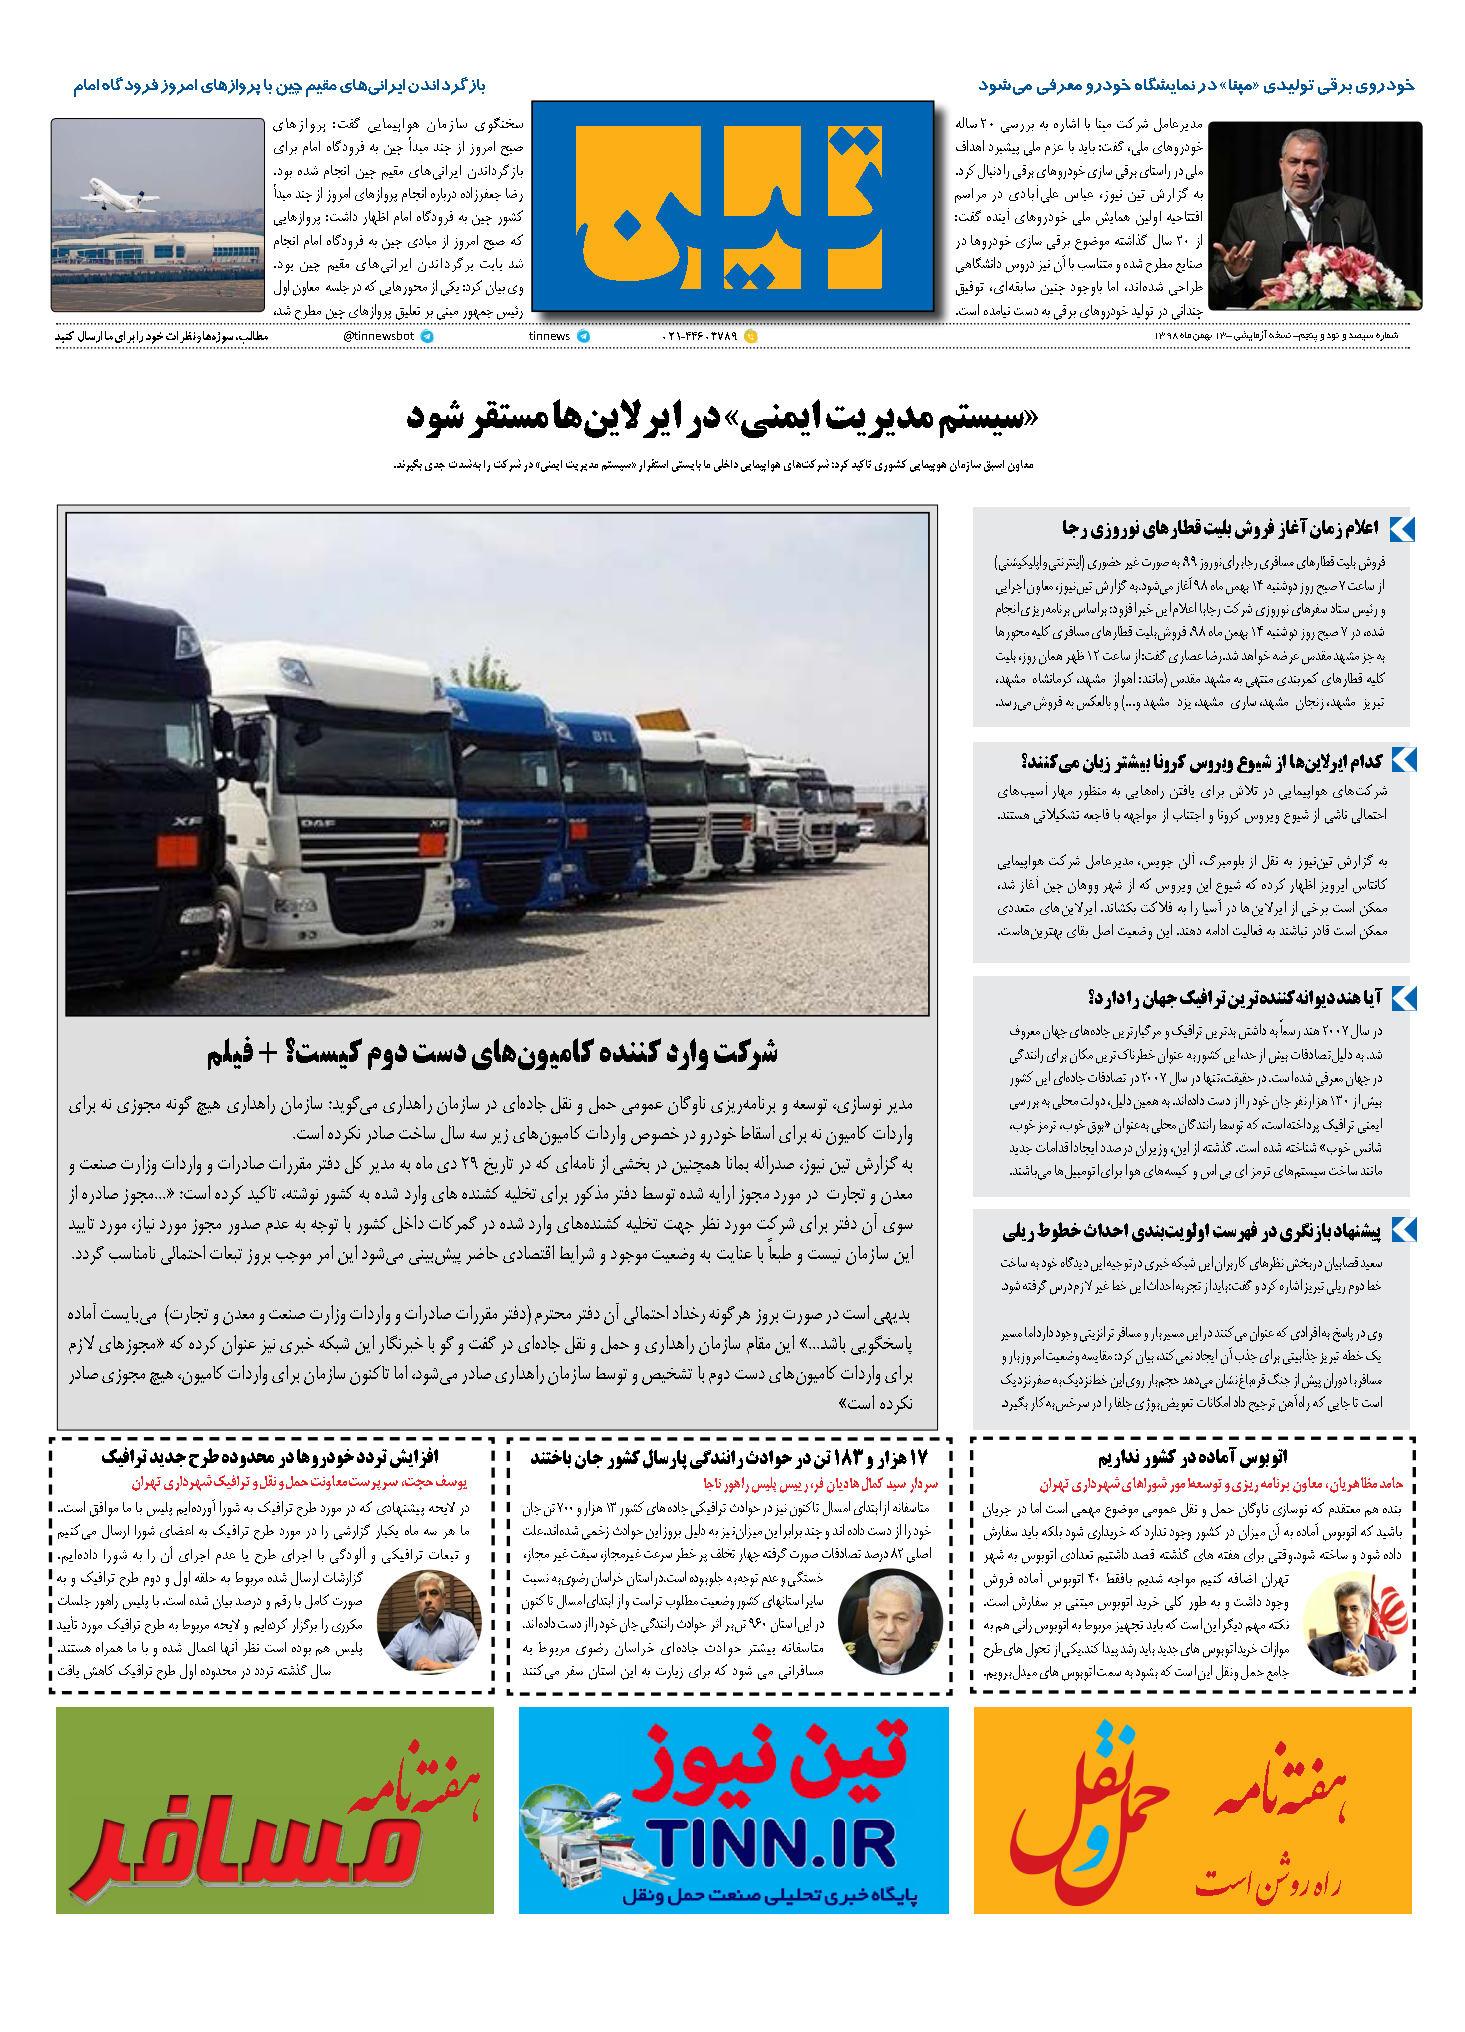 روزنامه الکترونیک 13 بهمن ماه 98